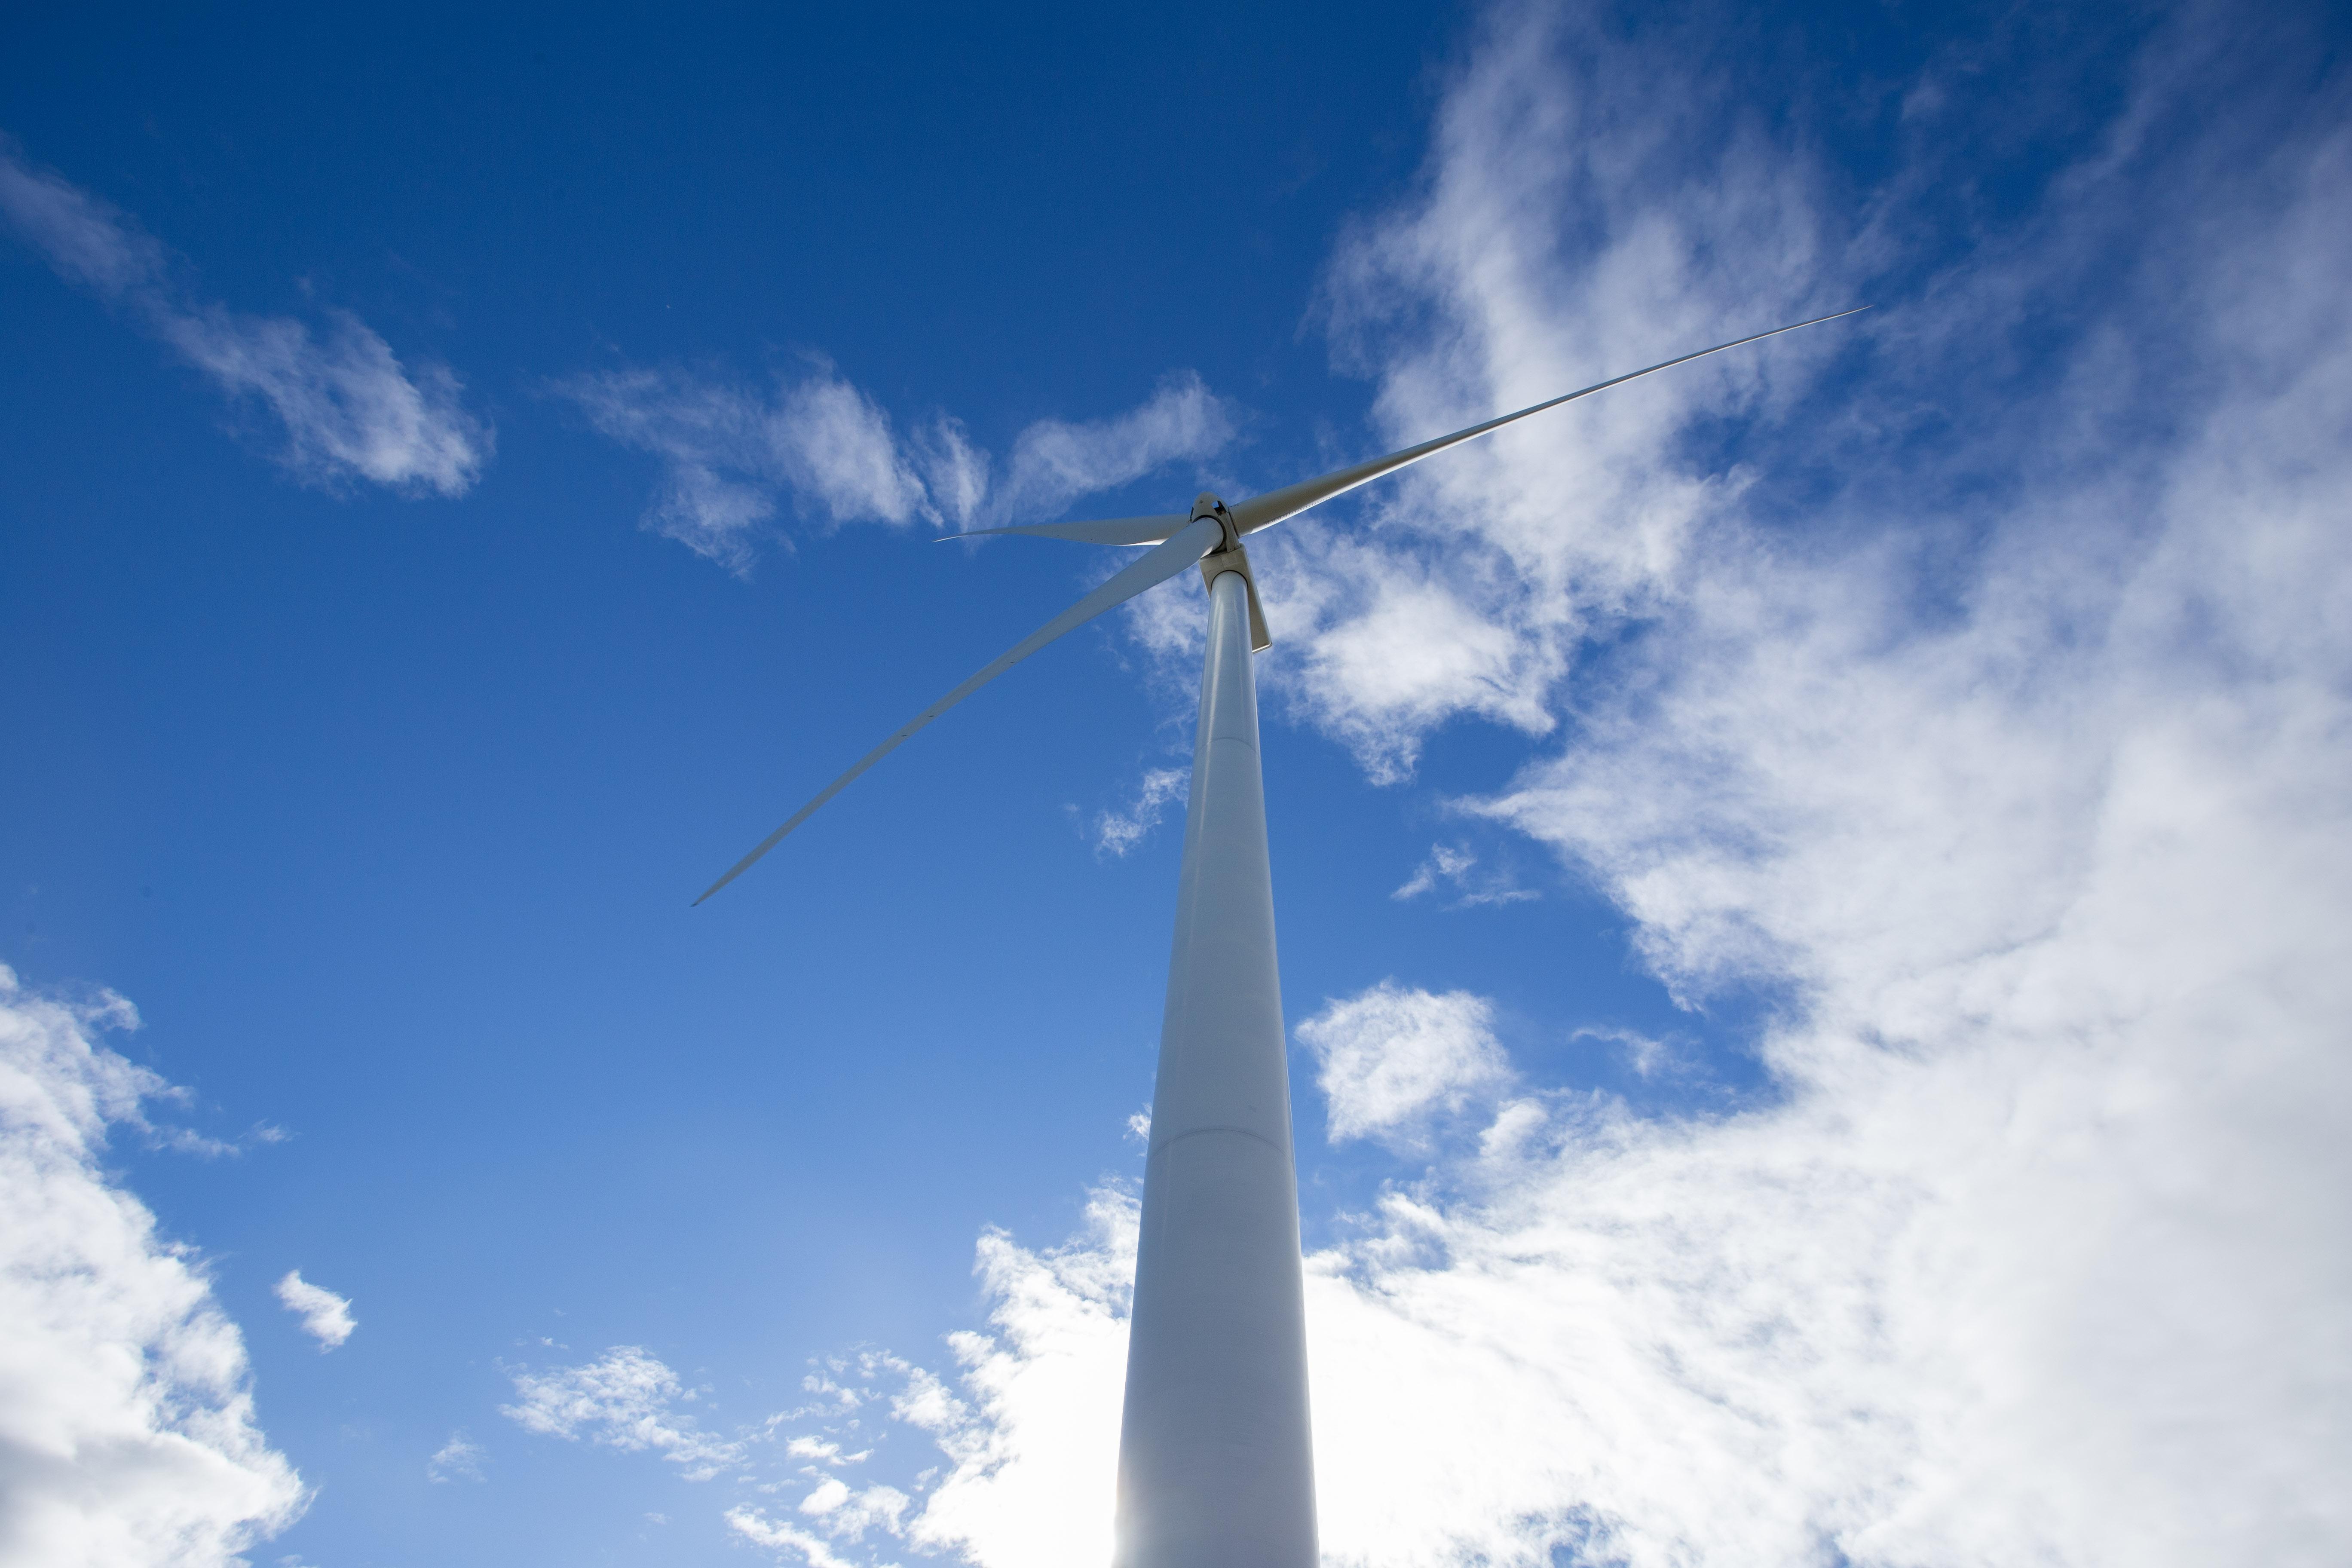 (Português do Brasil) Novo slogan da Echoenergia reflete o pioneirismo da companhia no setor de energia eólica